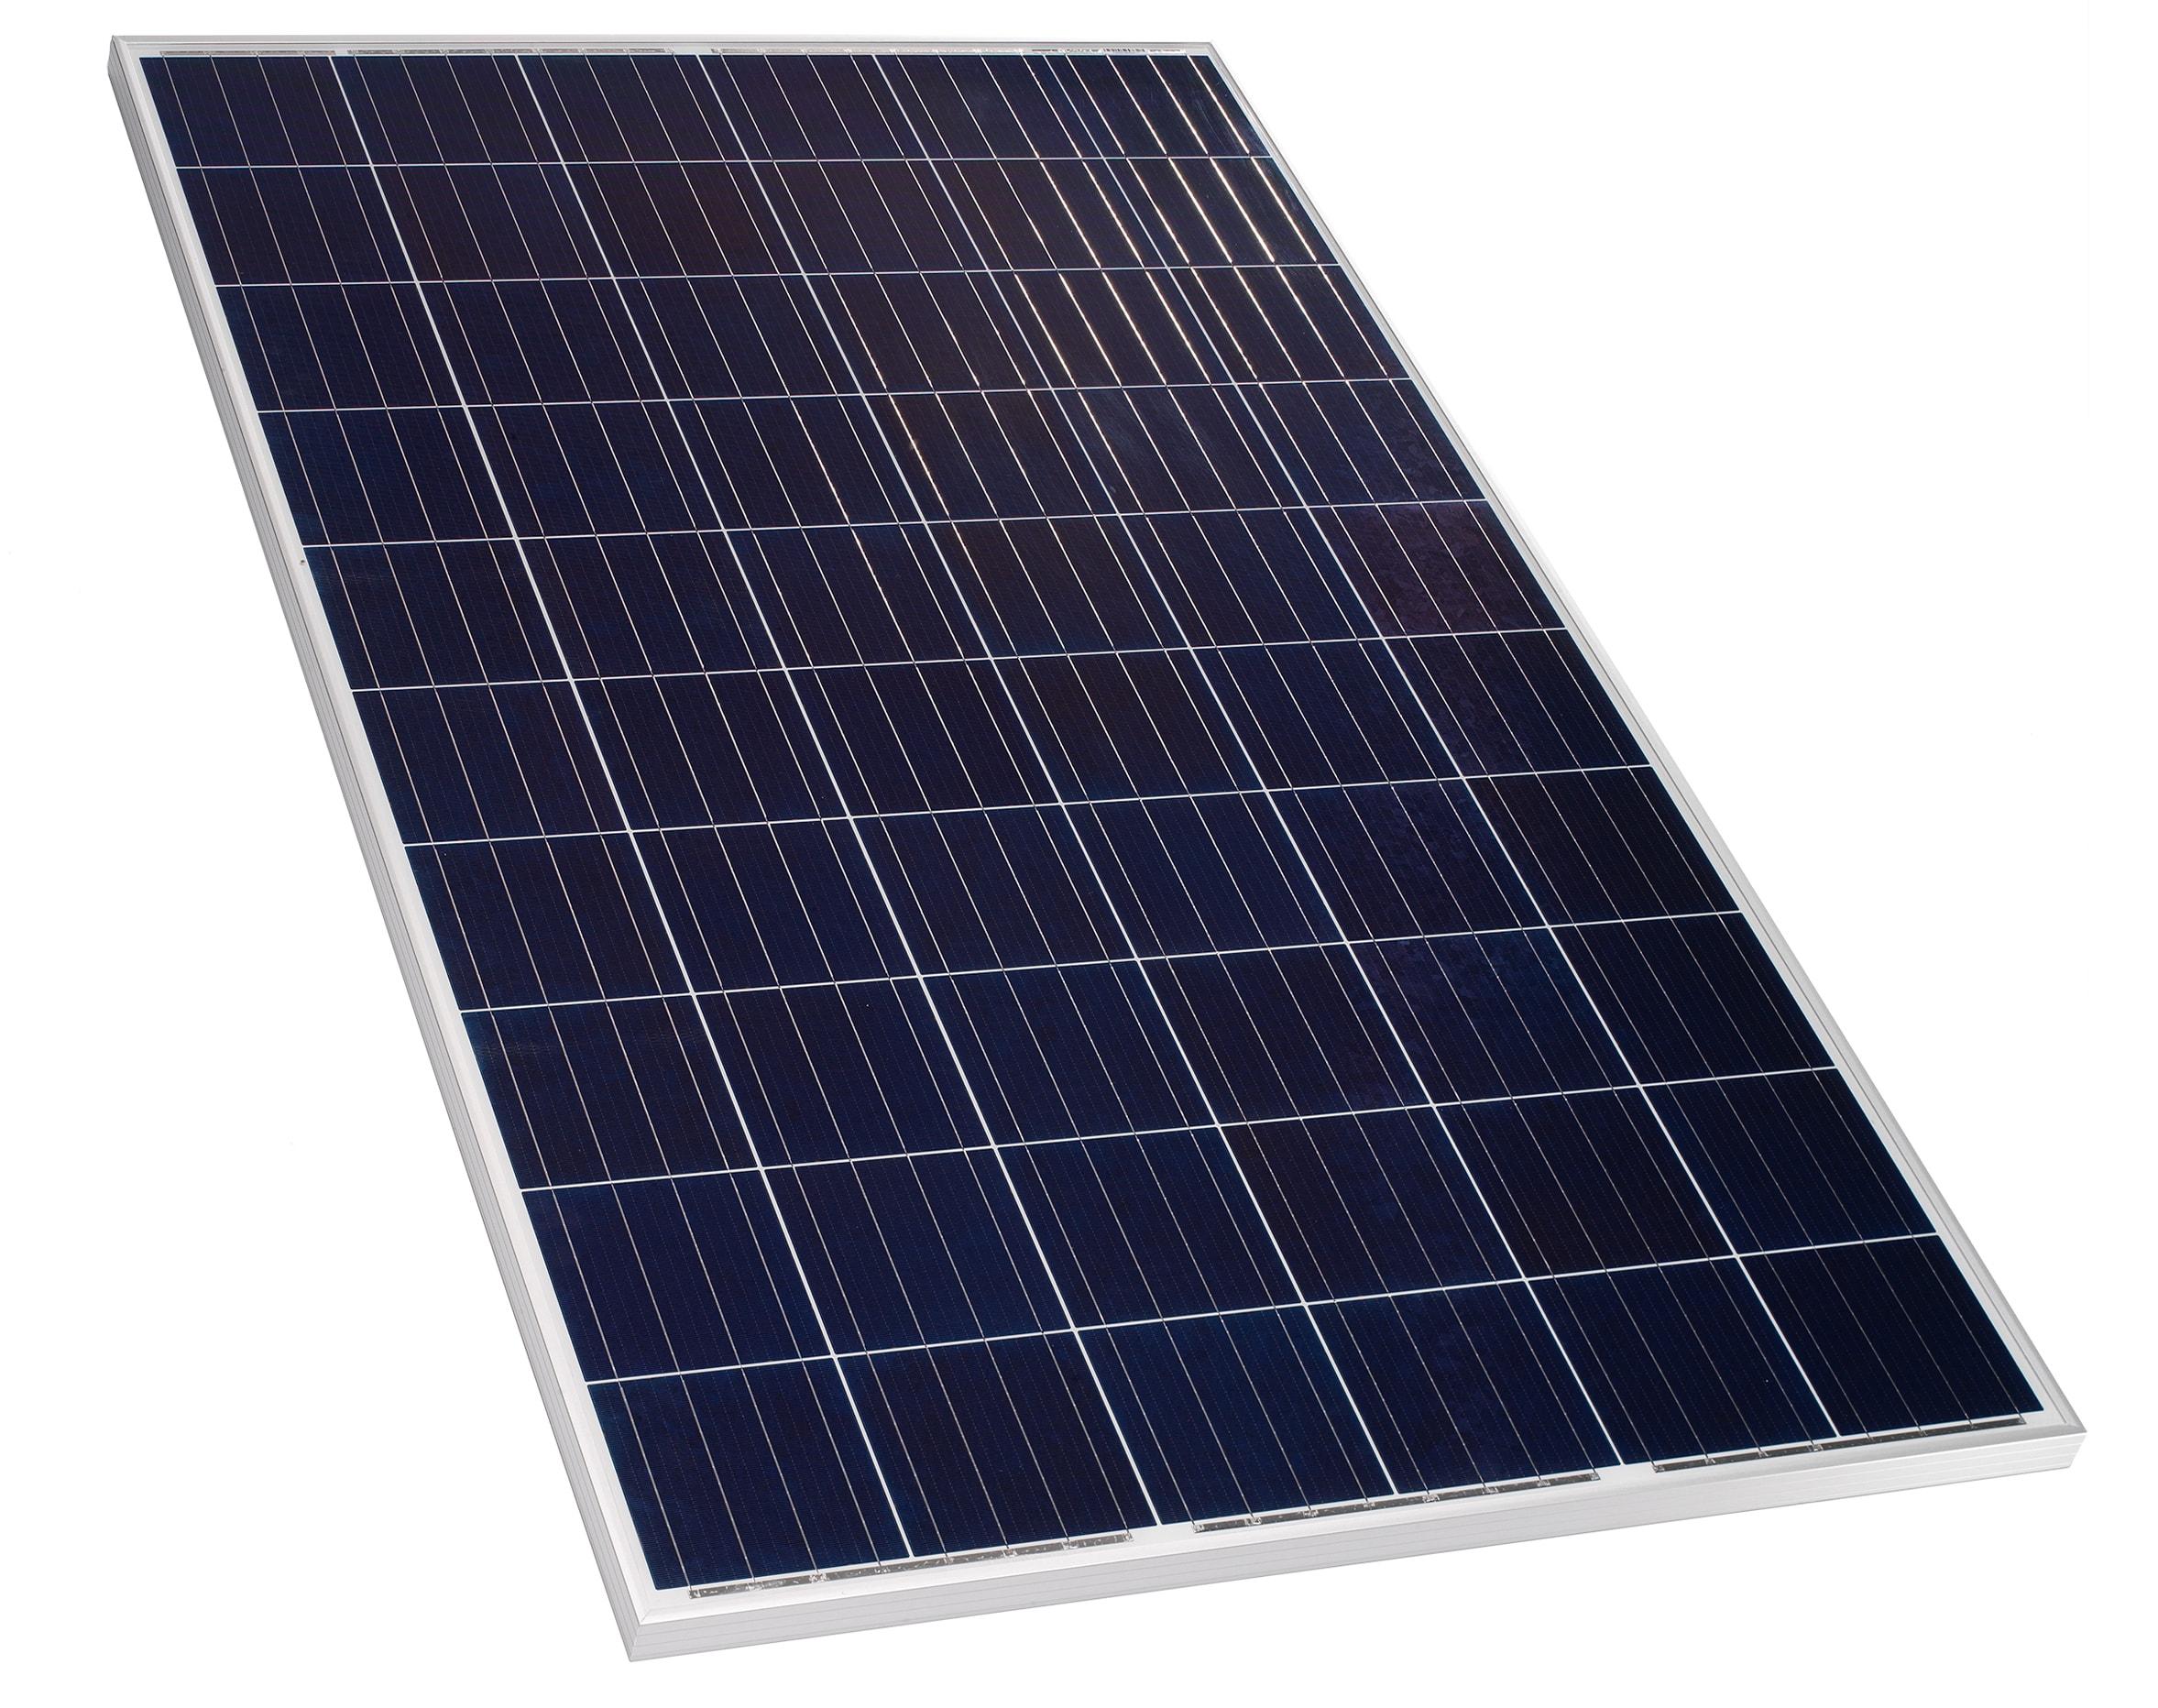 Mvdm Talesun 270w 1, uw zonnepanelen Specialist